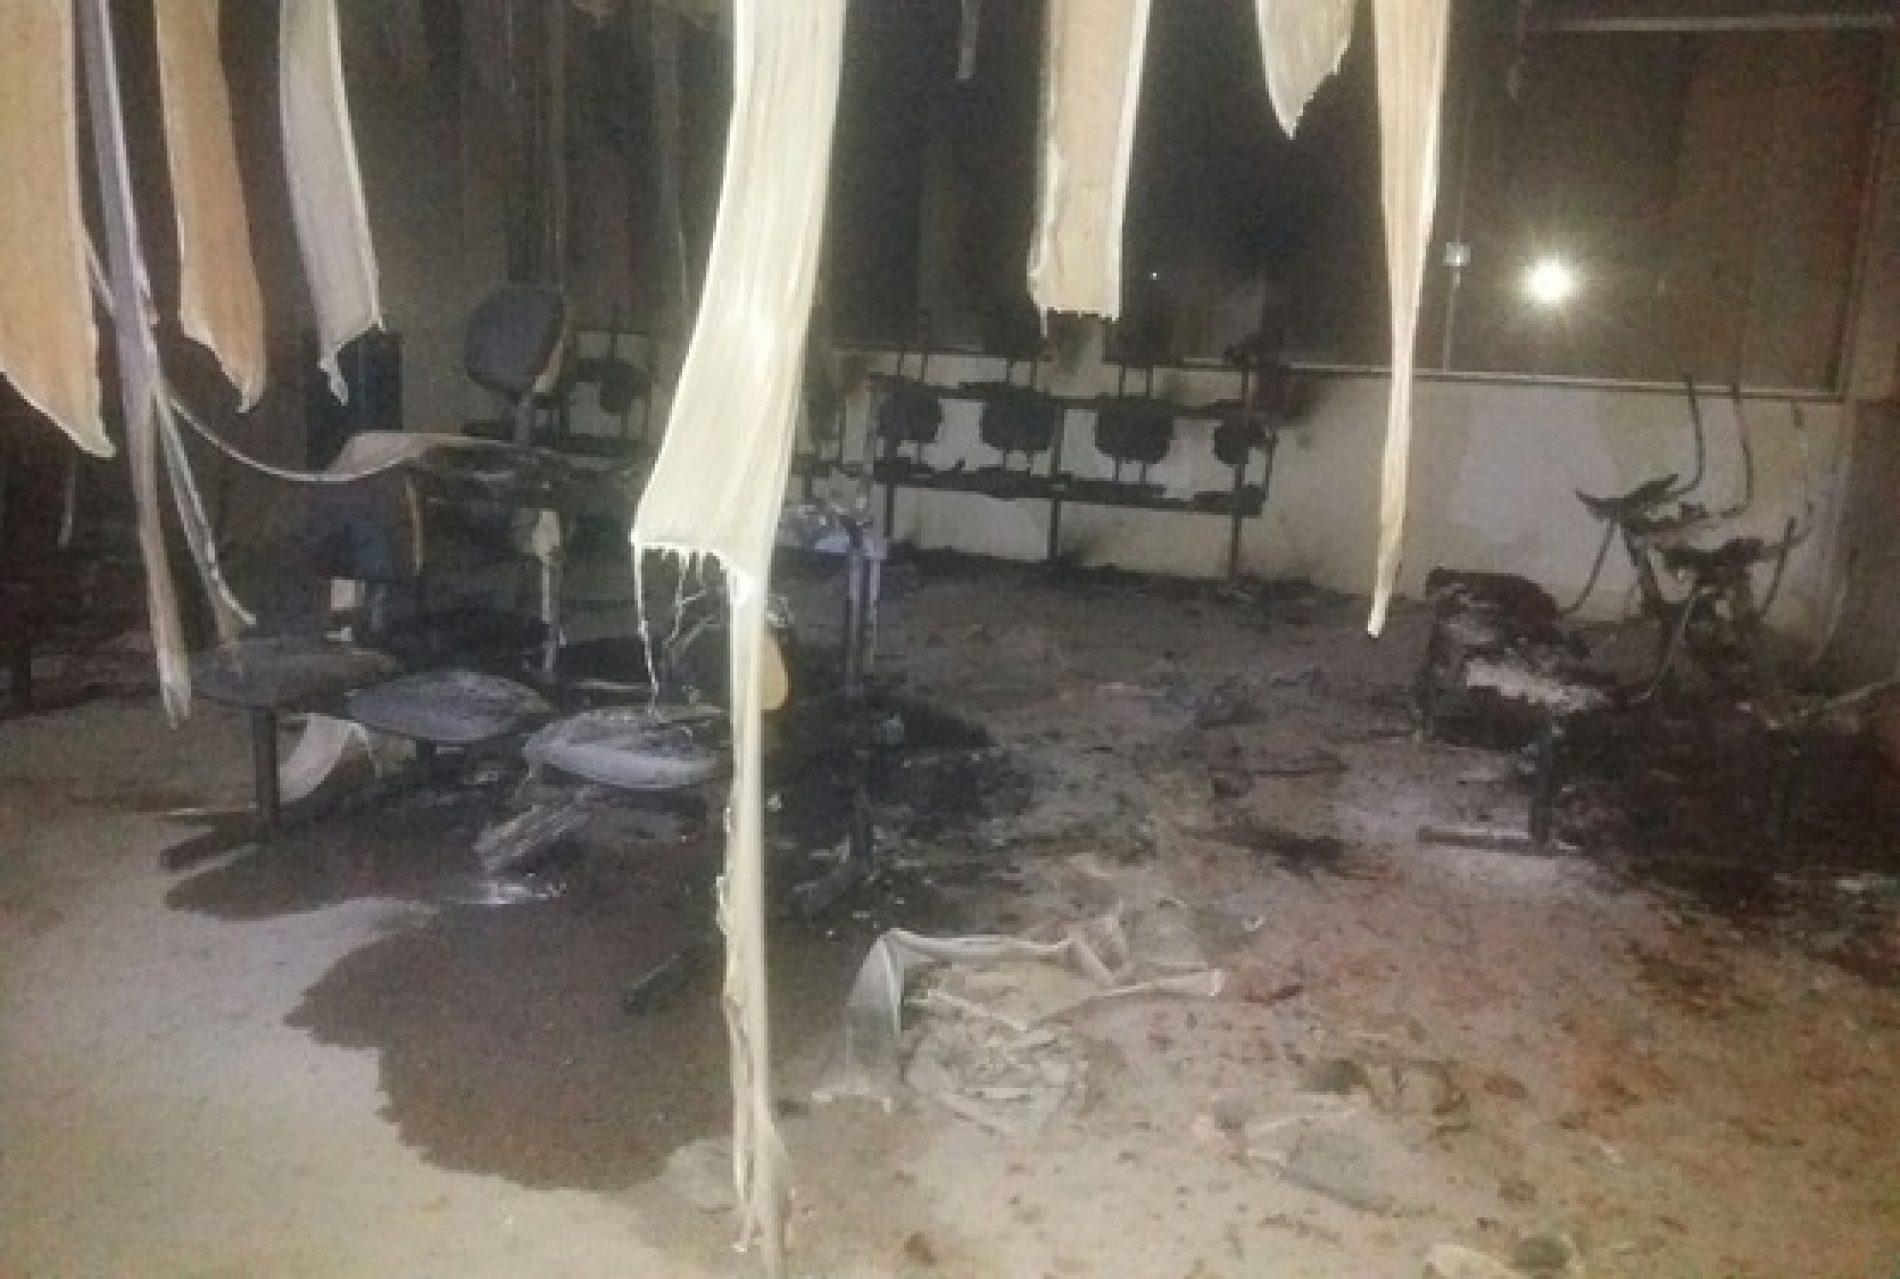 Vale do Jiquiriçá: Unidade de Saúde fica parcialmente destruída após incêndio em Ubaíra